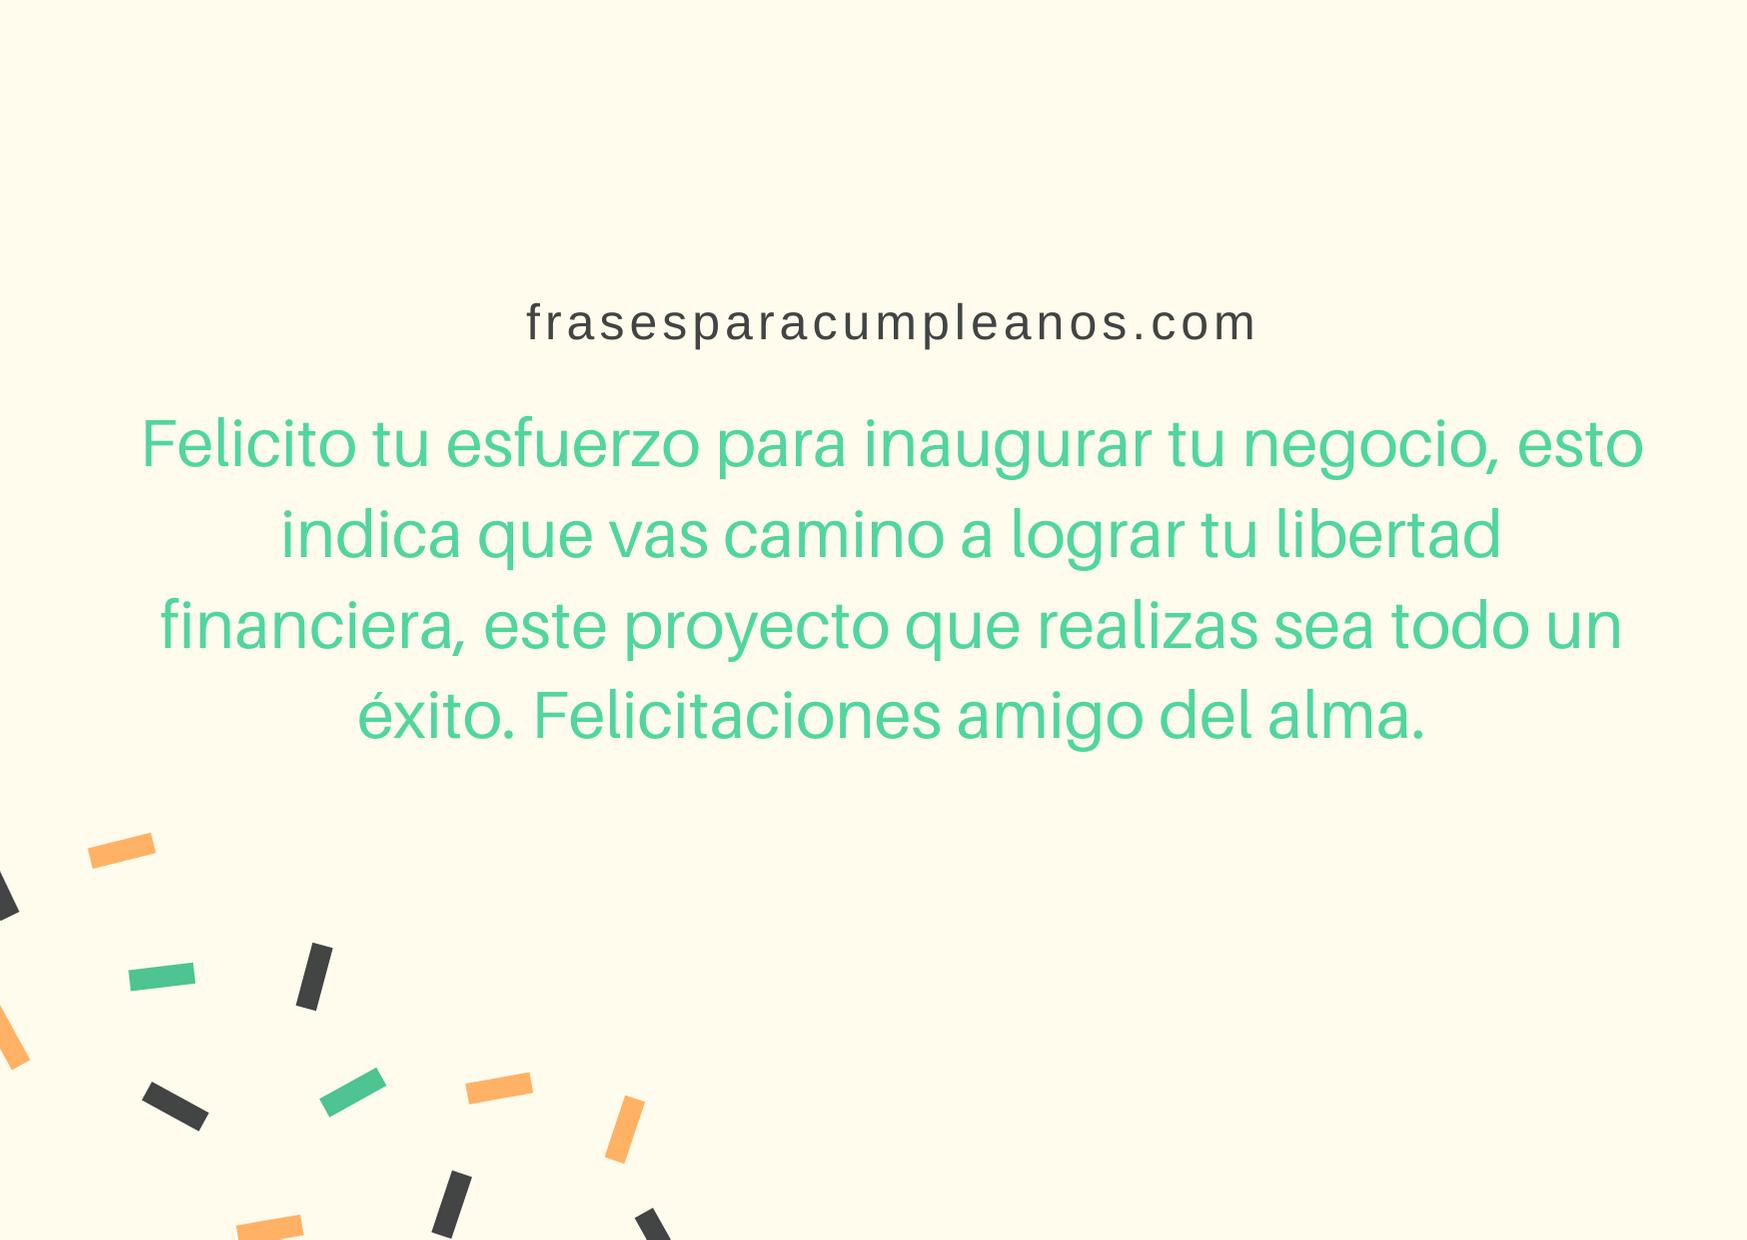 foto de Mensajes de felicitaciones inauguración de comercio – FrasesCumpleaños